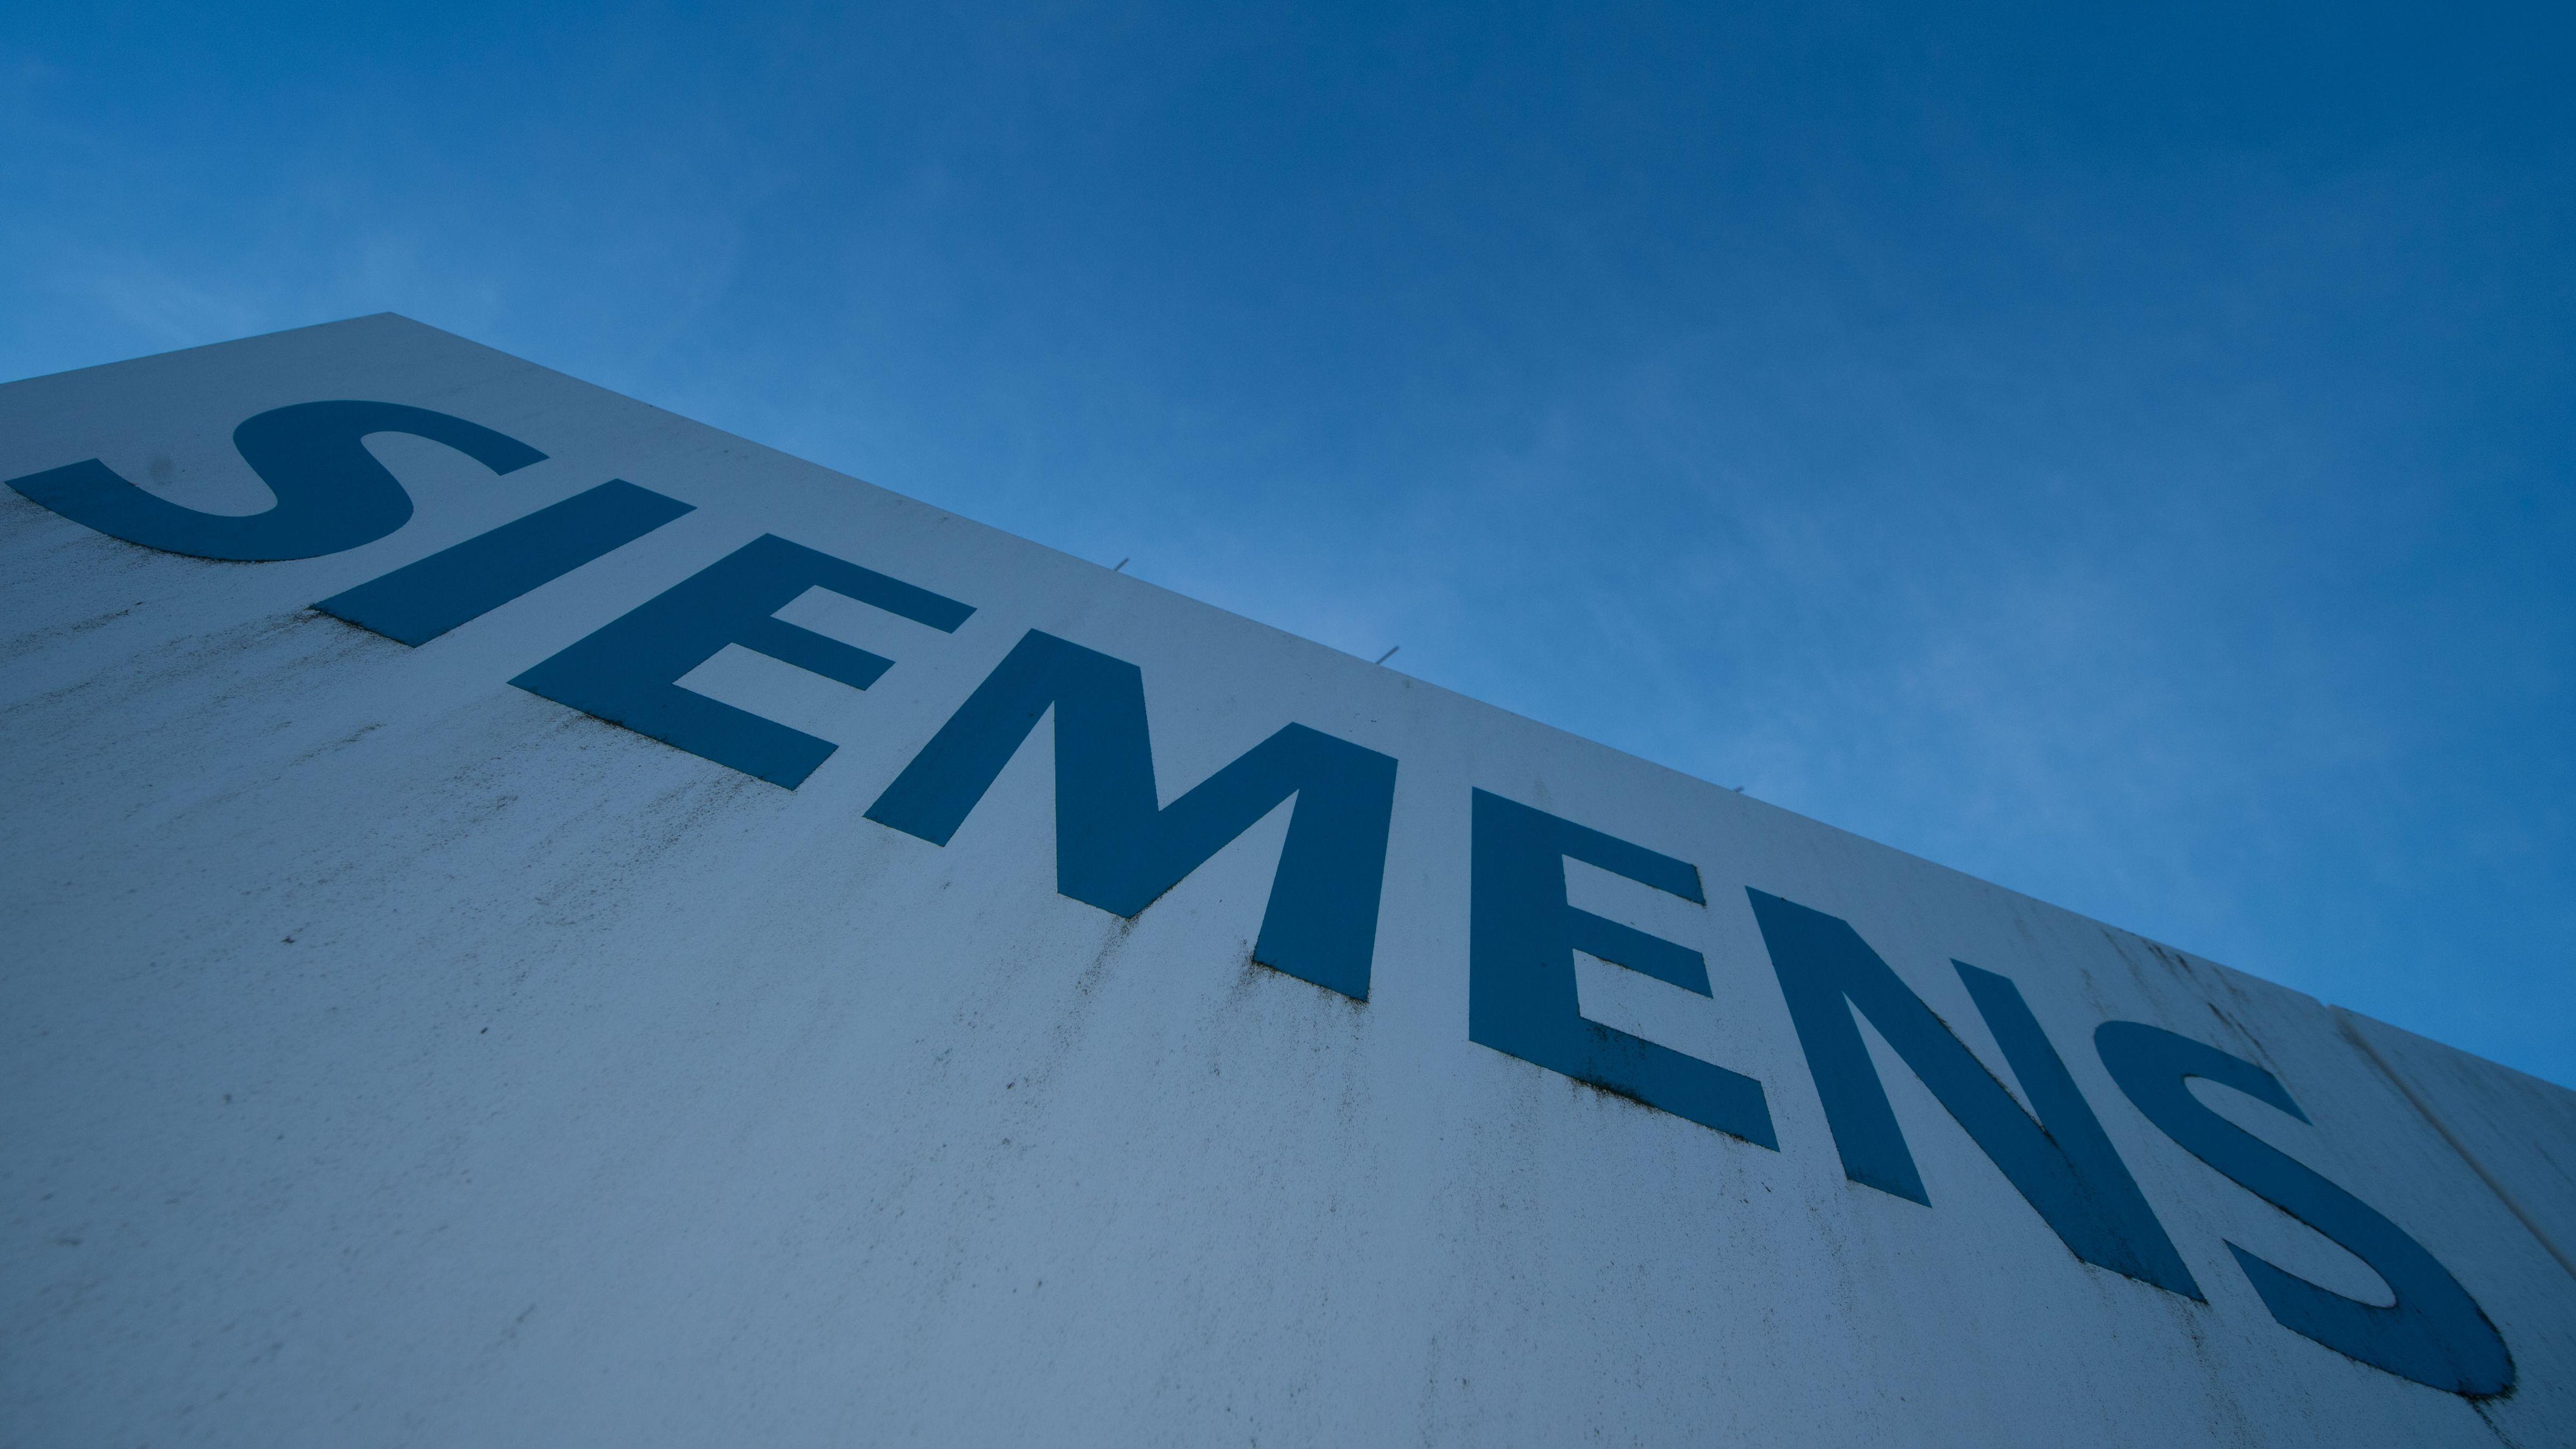 Siemens-Schriftzug an einer Wand